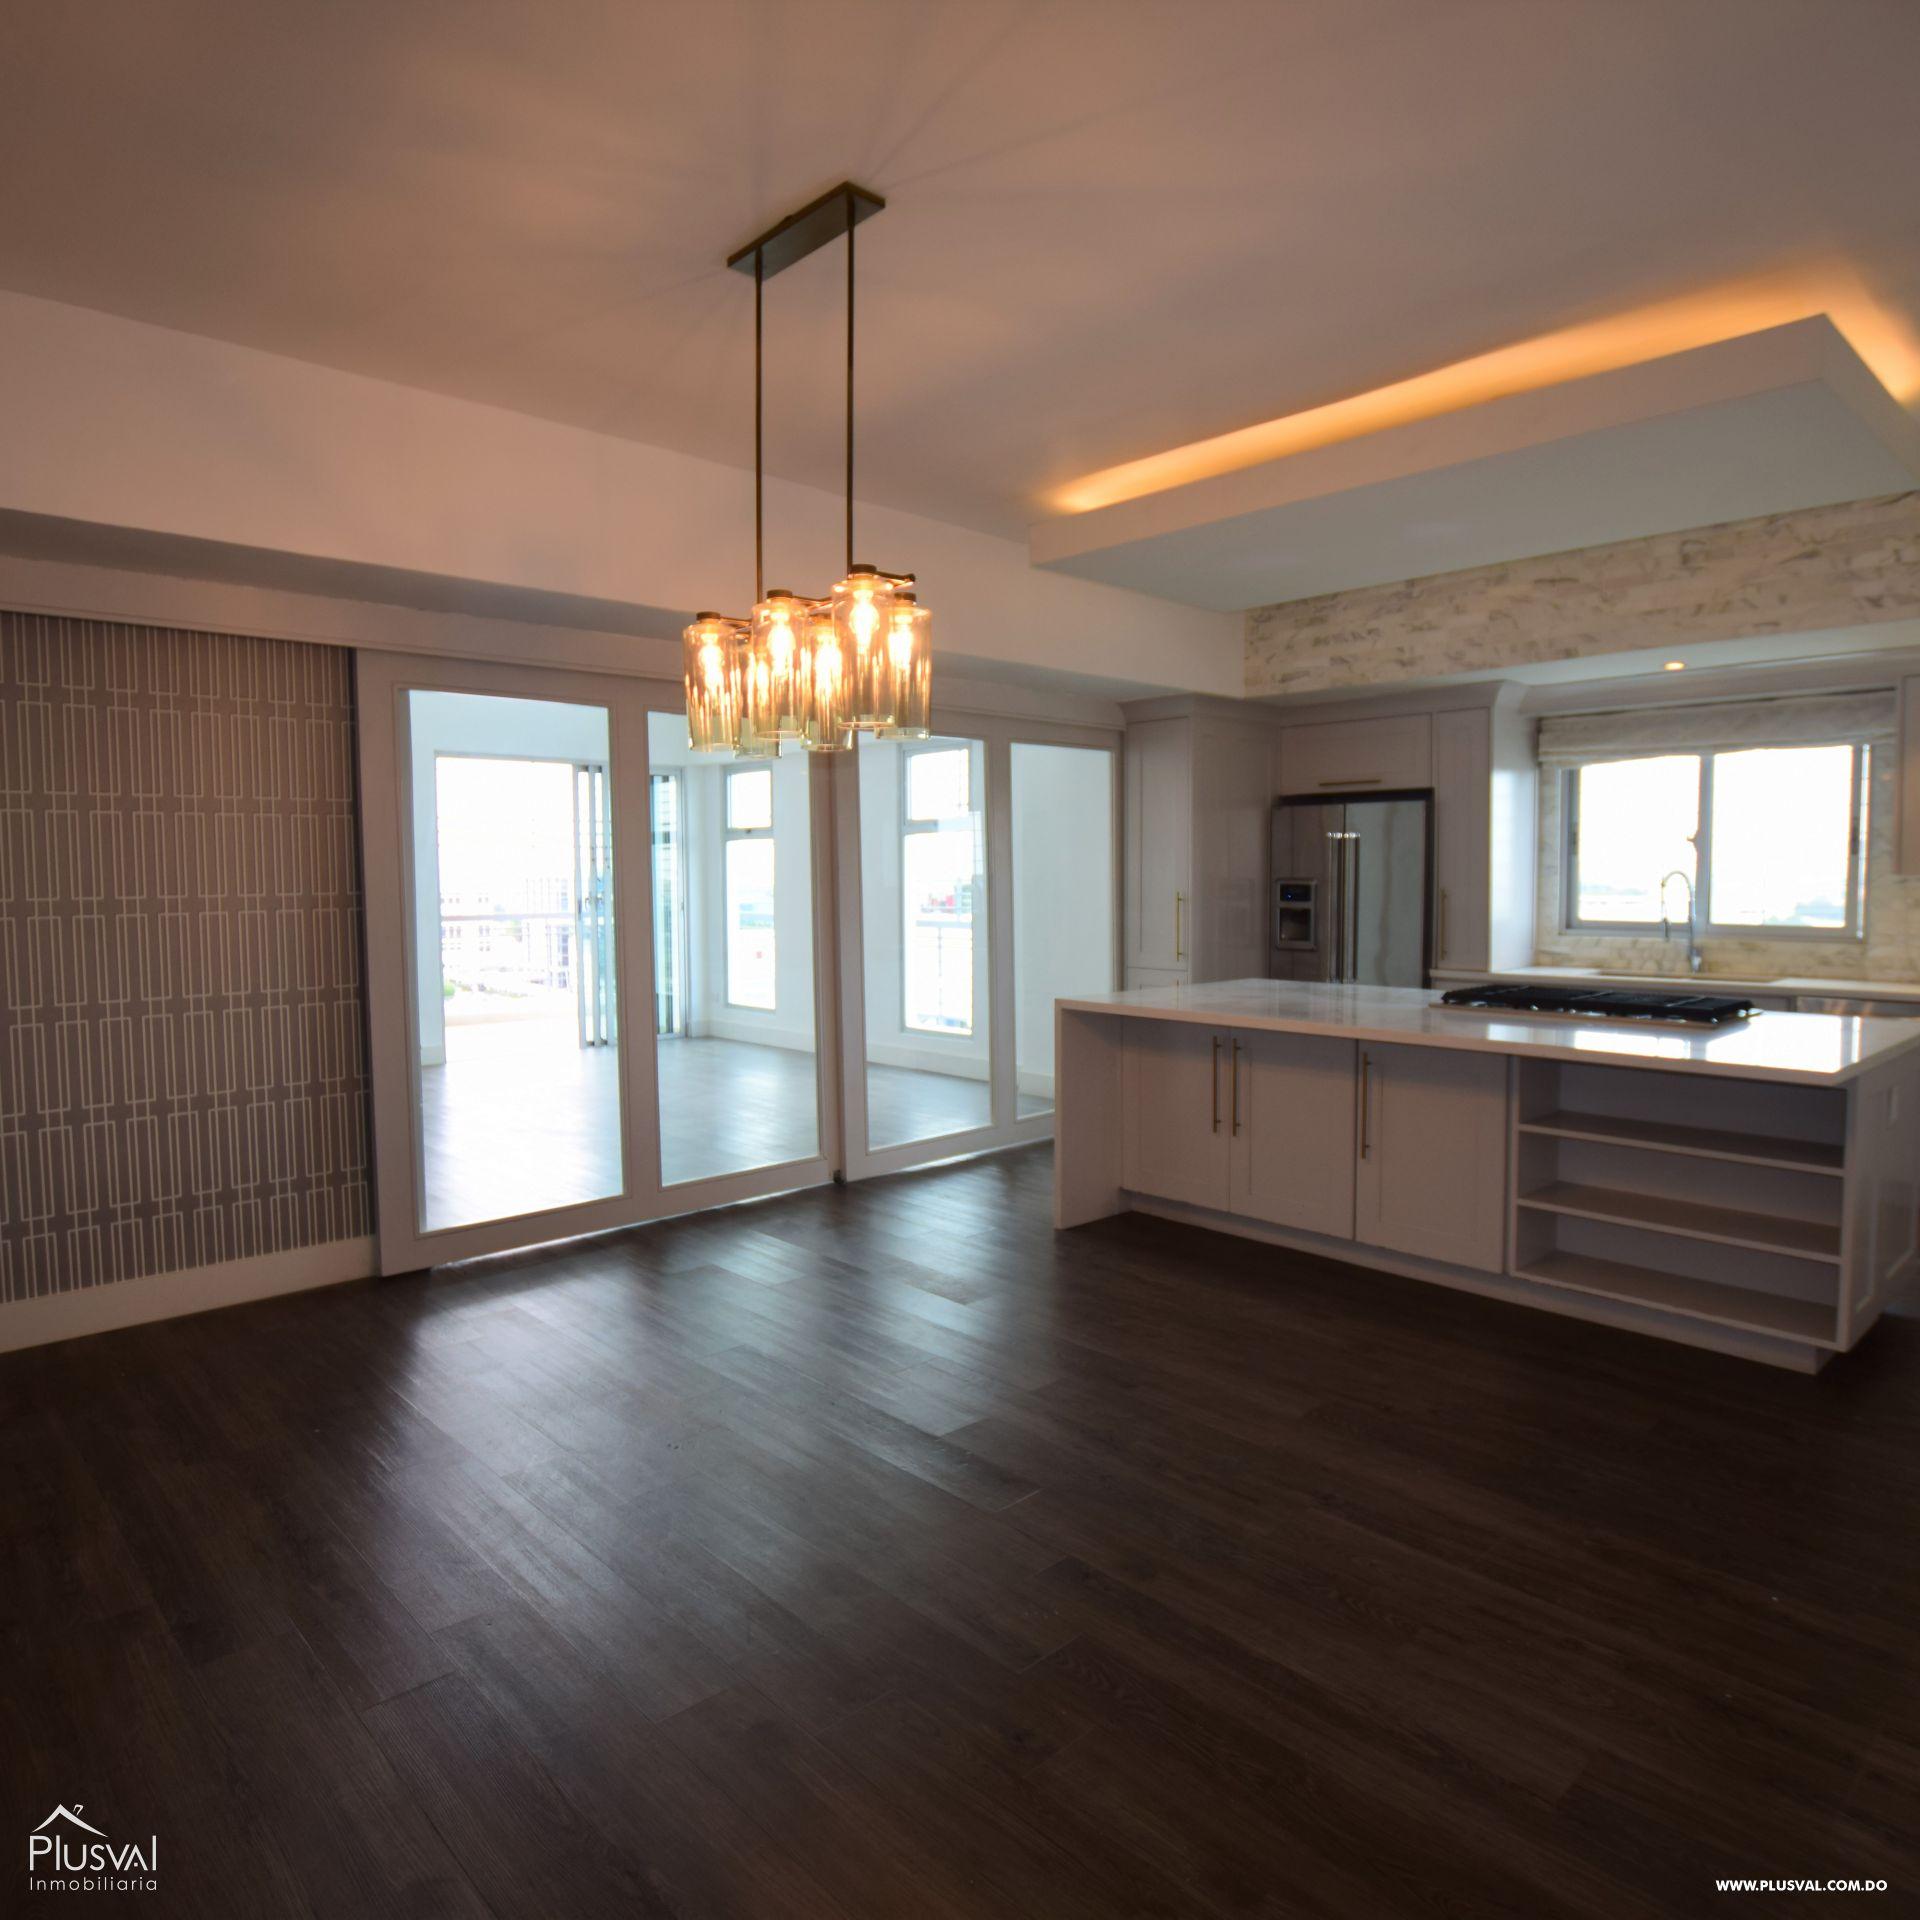 Penthouse en venta, Naco 167602